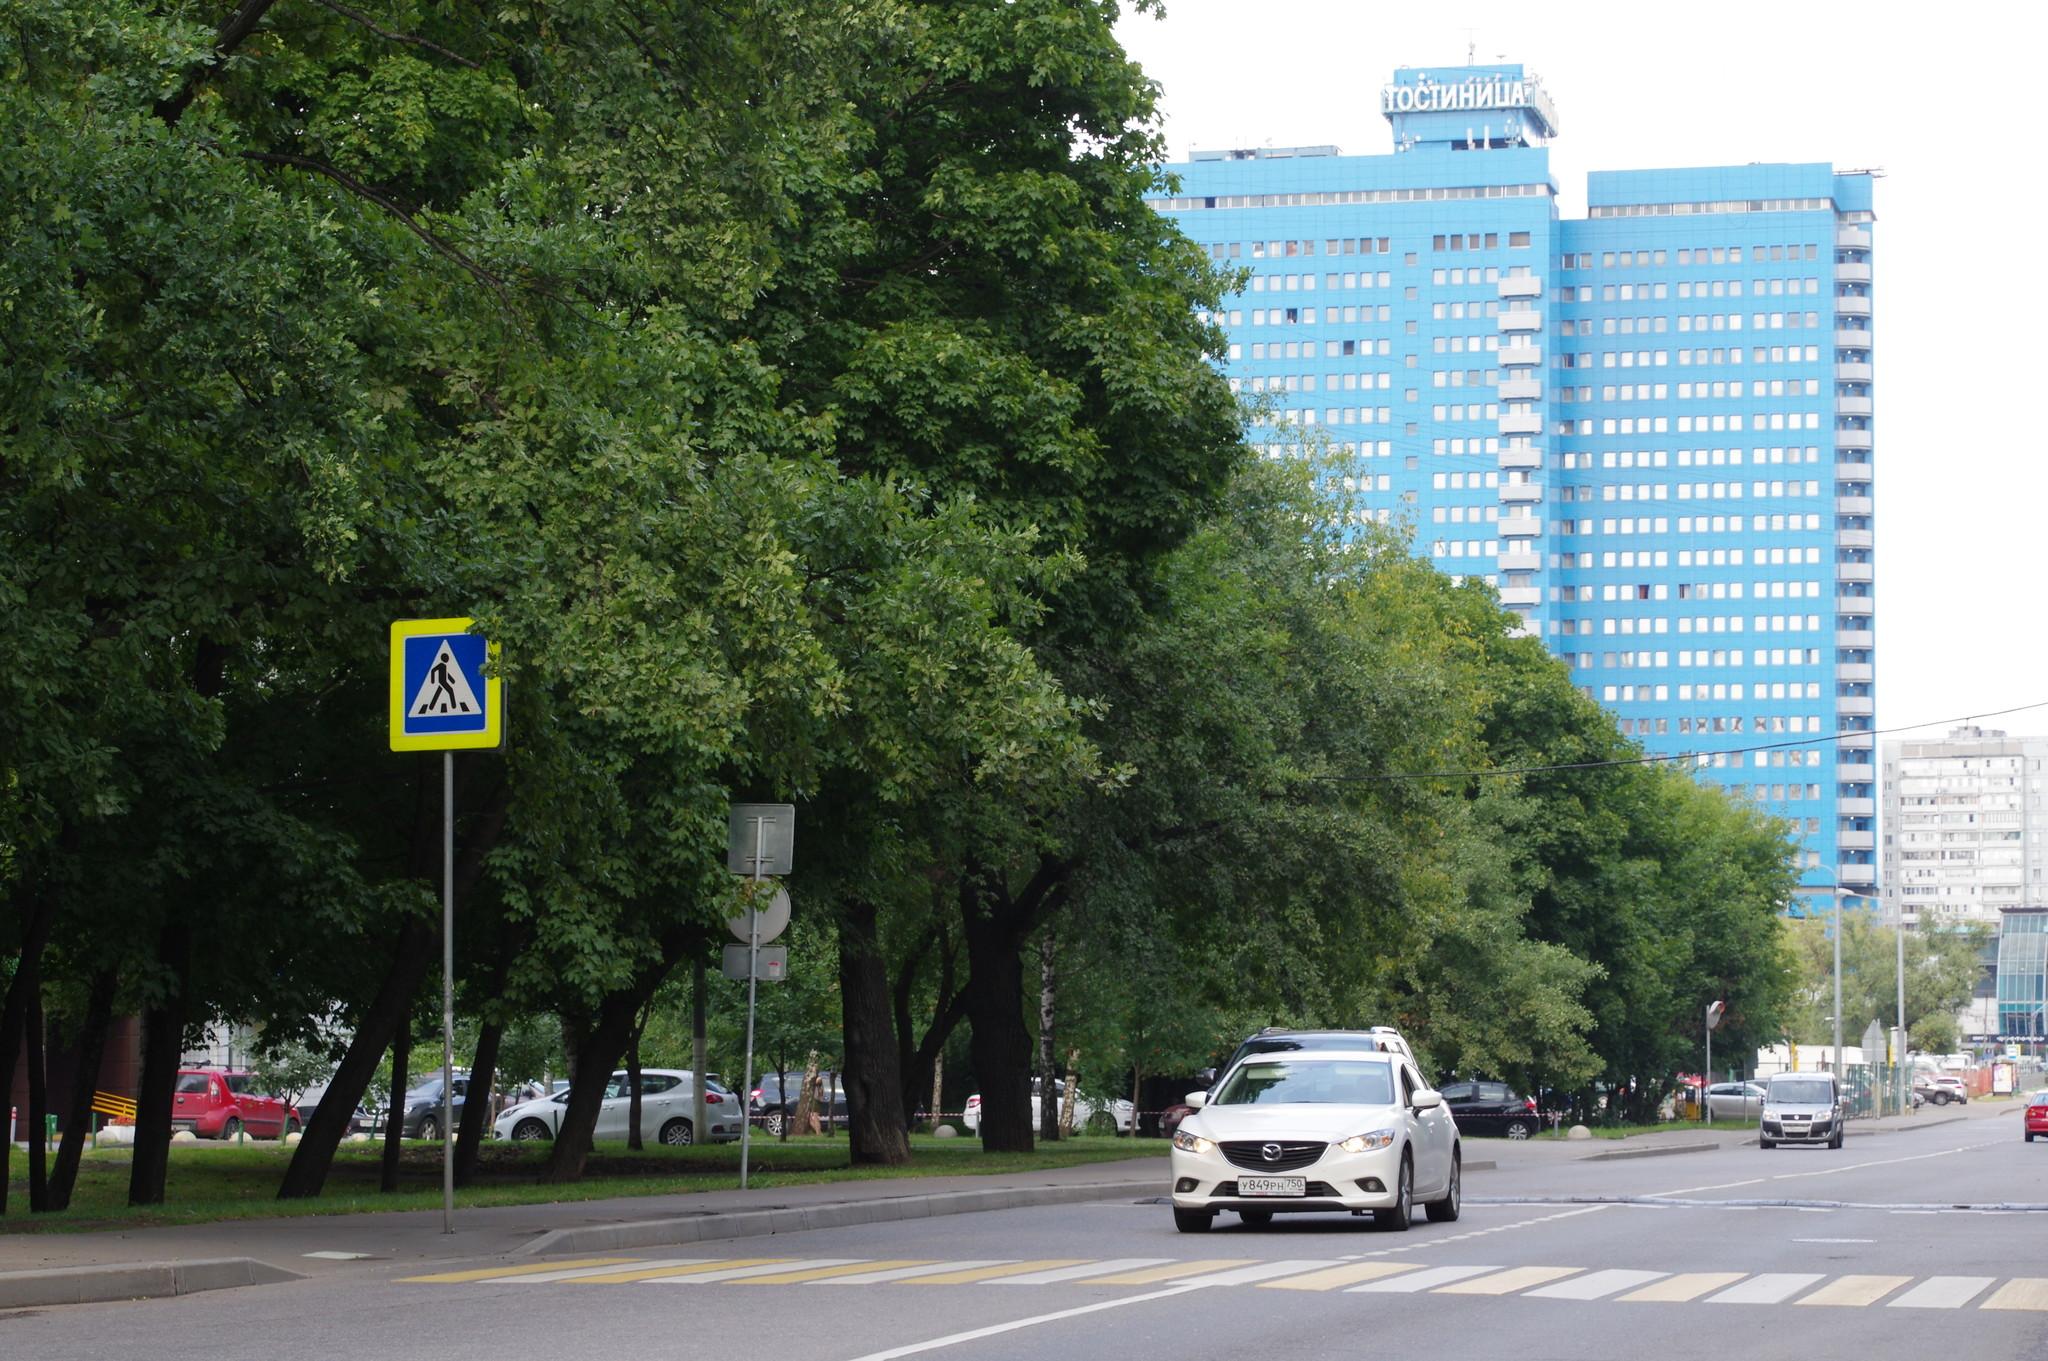 Гостиница «Молодёжная» (Дмитровское шоссе, дом 27, корпус 1)